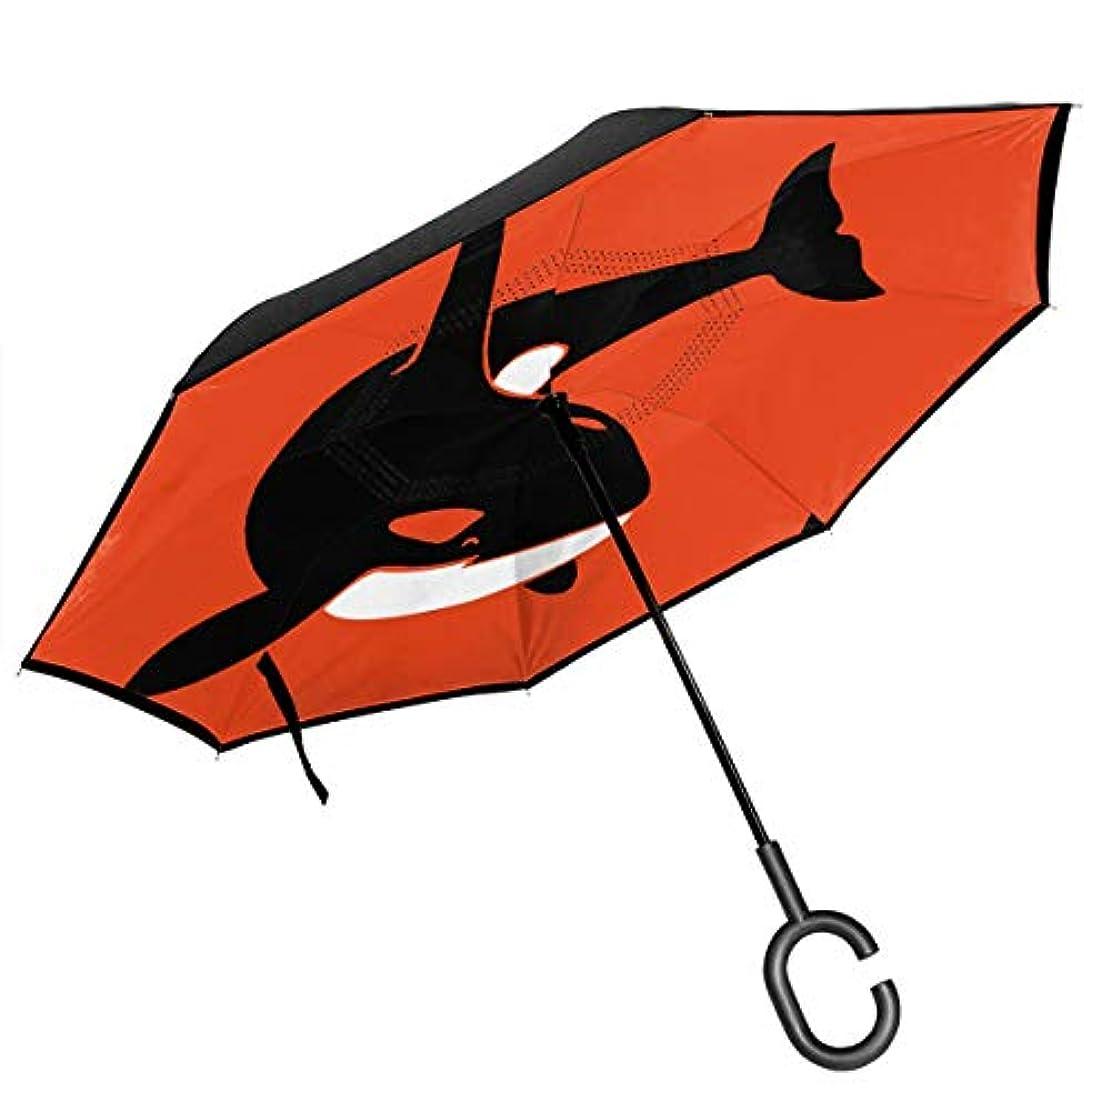 ダウンタウン令状同一のシャチホエールシャチイルカブラックフィッシュオーシャン 逆さ傘 逆折り式傘 車用傘 耐風 撥水 遮光遮熱 大きい 手離れC型手元 梅雨 紫外線対策 晴雨兼用 ビジネス用 車用 UVカット